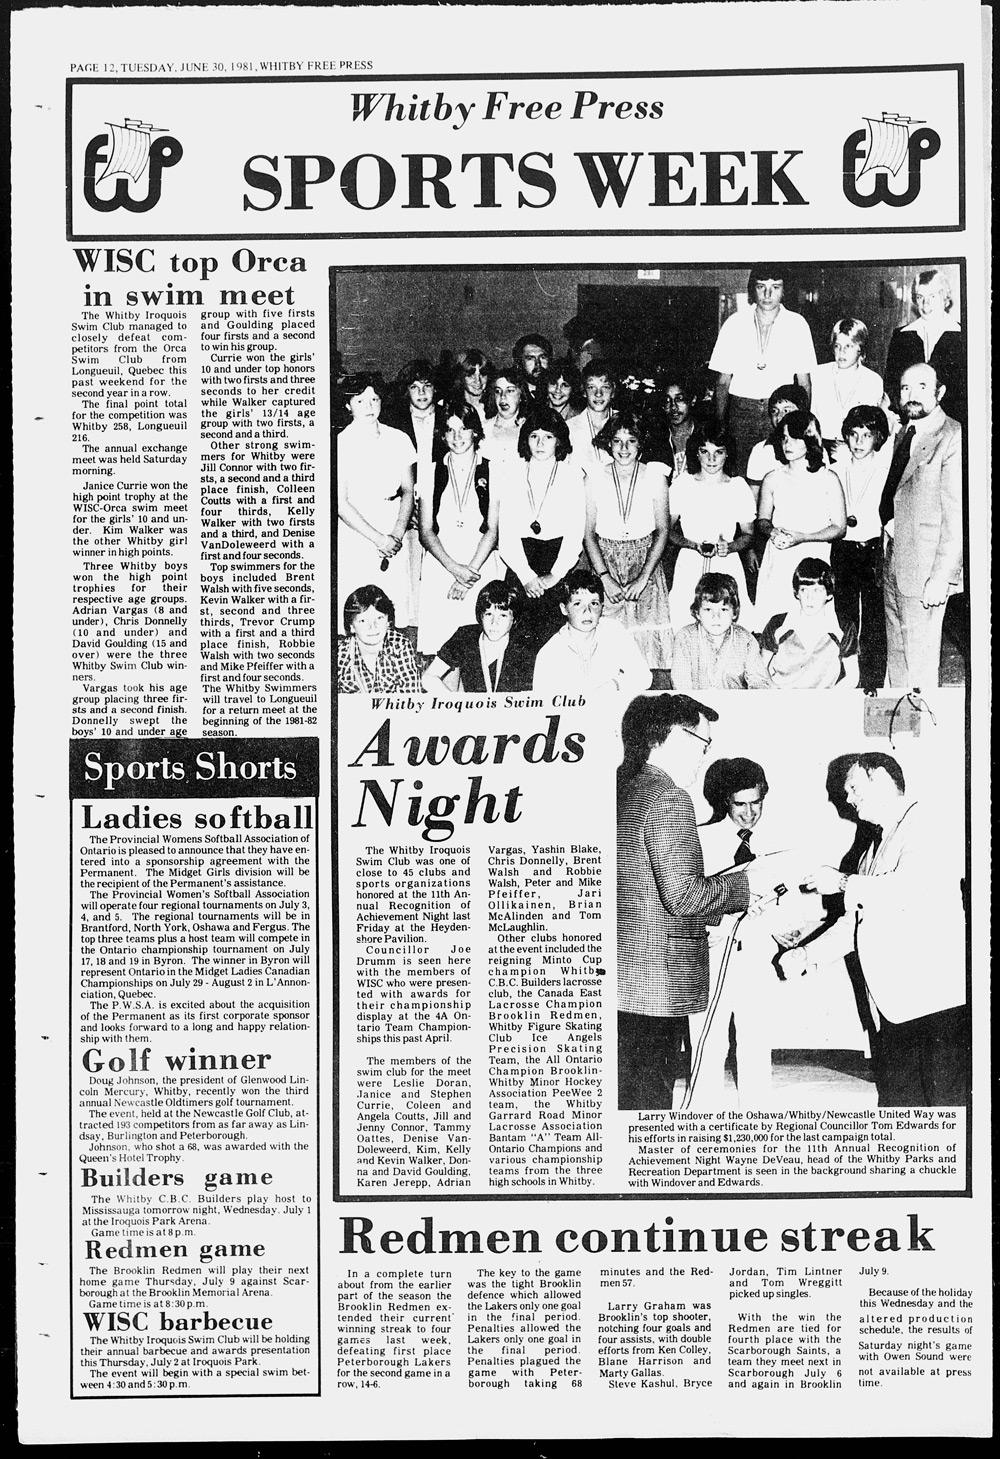 Whitby Free Press, 30 Jun 1981